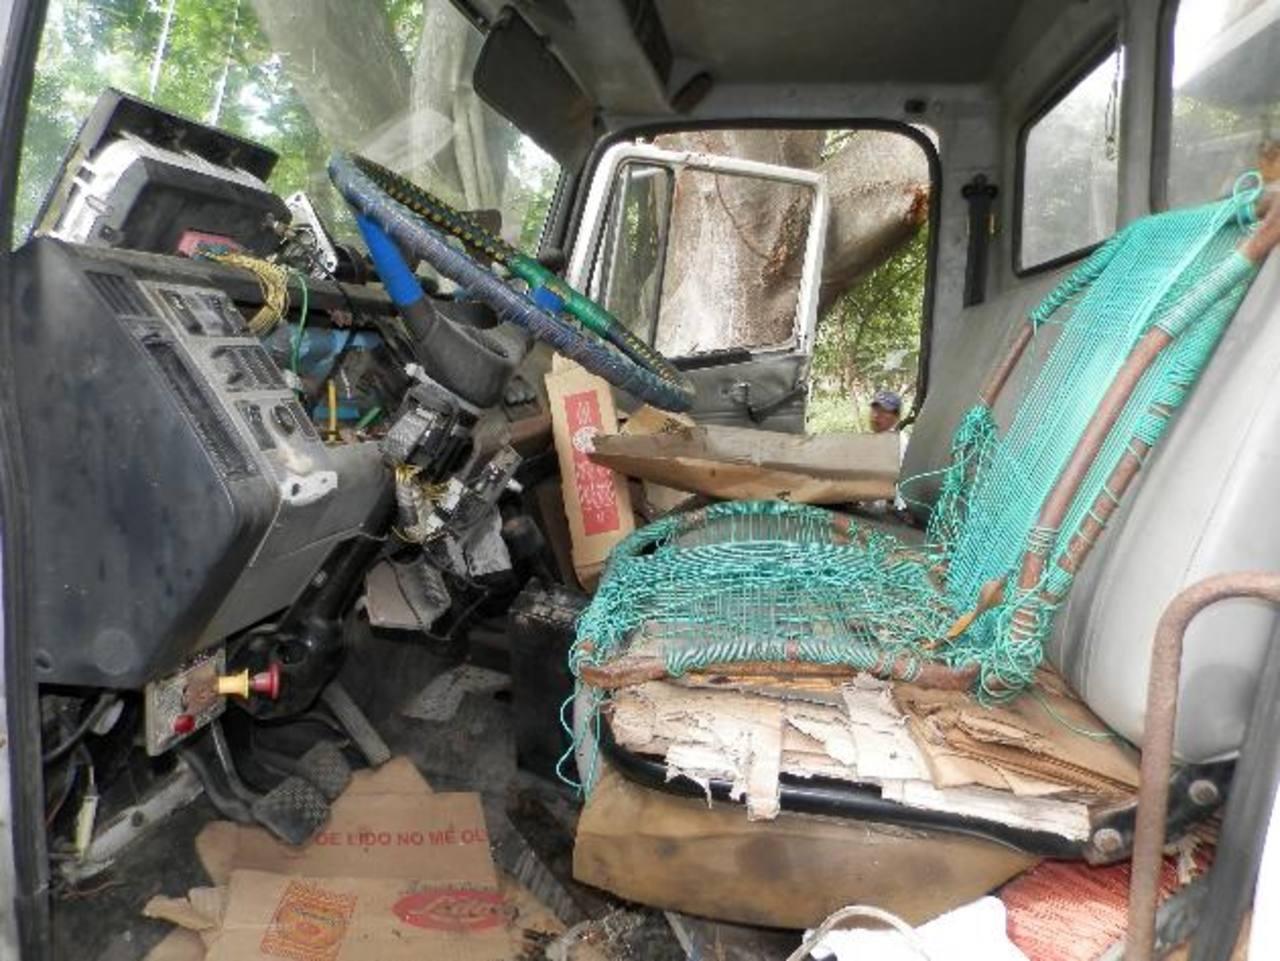 El Sindicato de Trabajadores Municipales de Acajutla denunció la falta de recursos materiales en el área de servicios municipales. Camiones, tractores y escobas están en pésimo estado.fotos edh / Milton Jaco